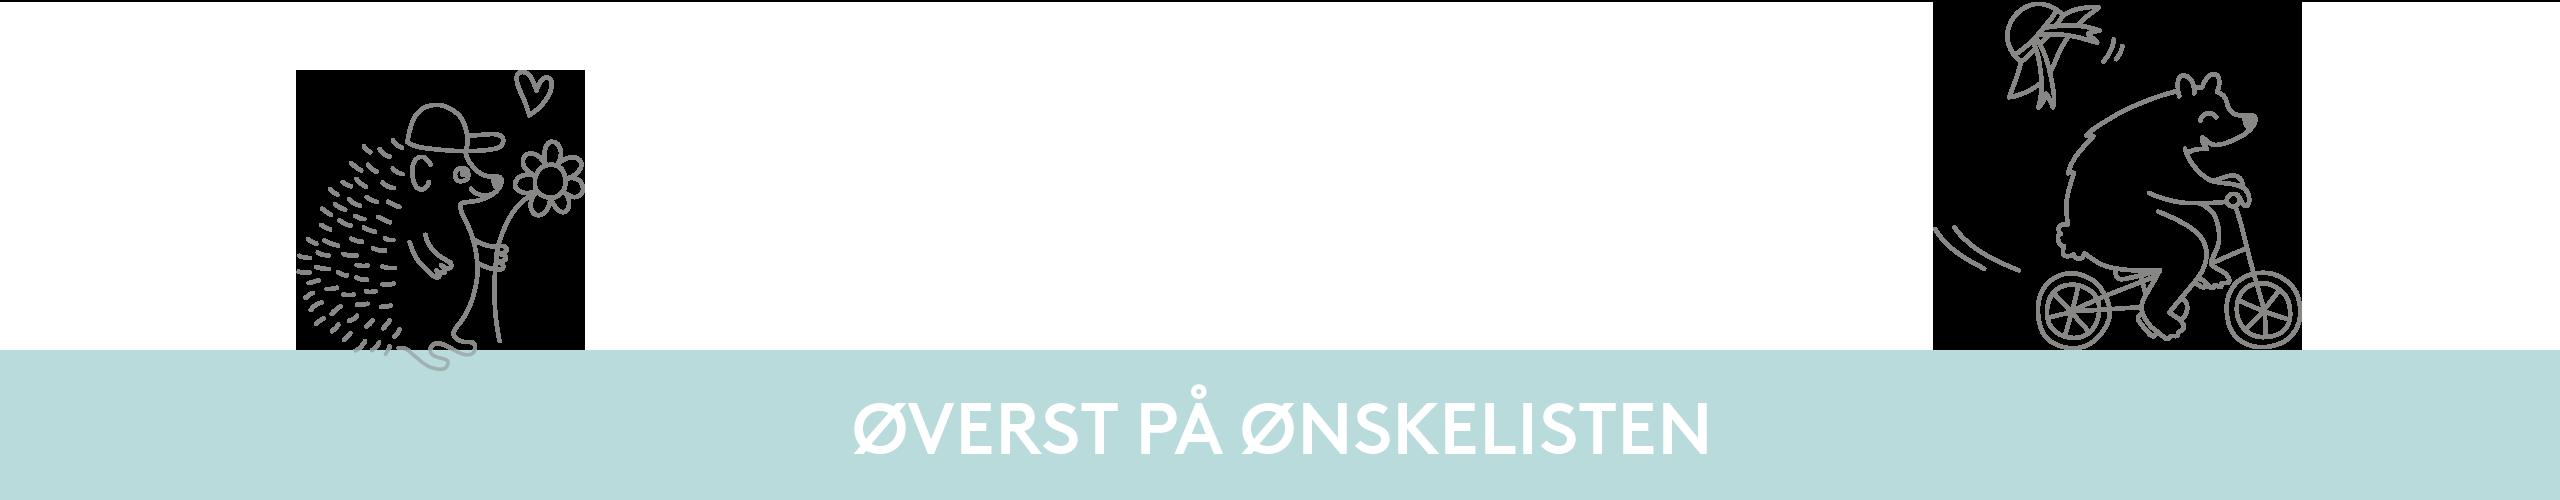 https://micki.testavendre.se/image/2578/start-banner-illustrations-dk.png